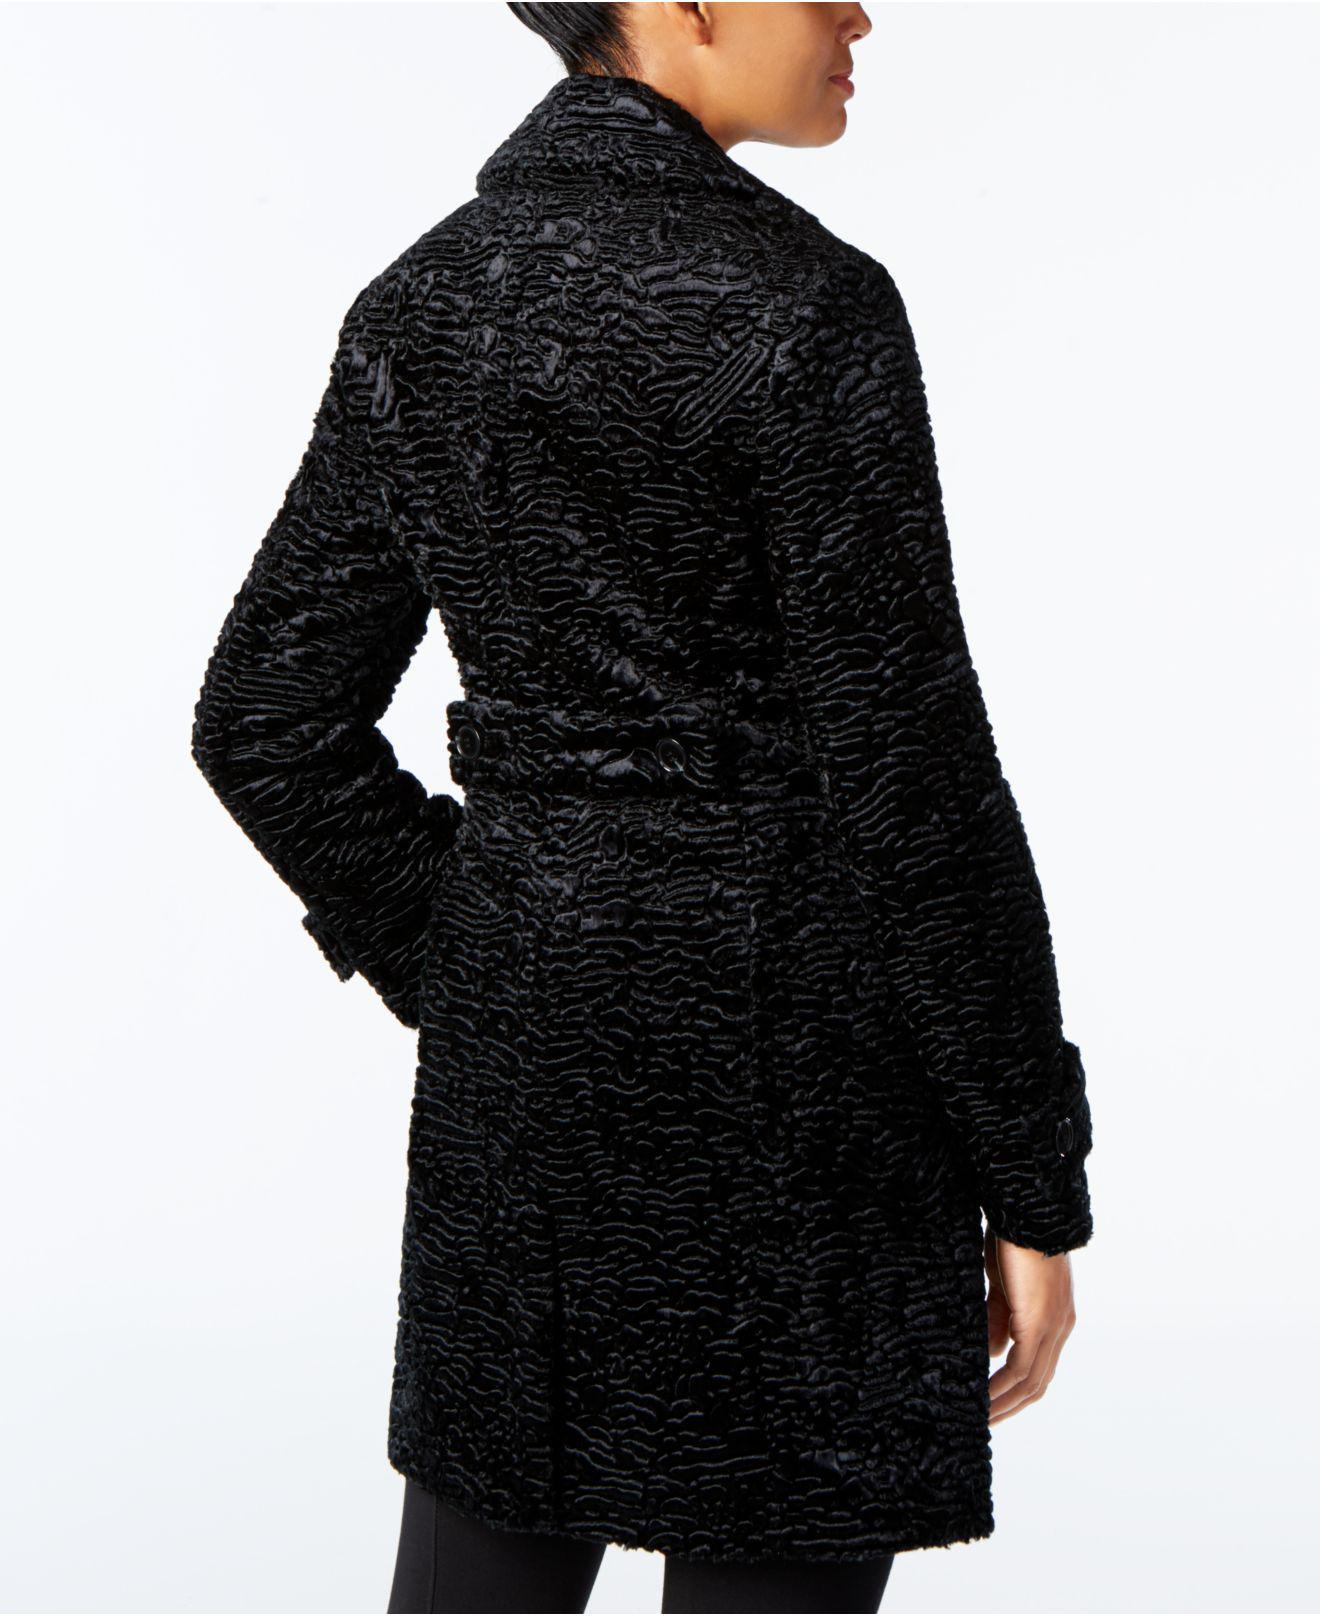 Jones New York Textured Faux-fur Walker Coat in Black - Lyst